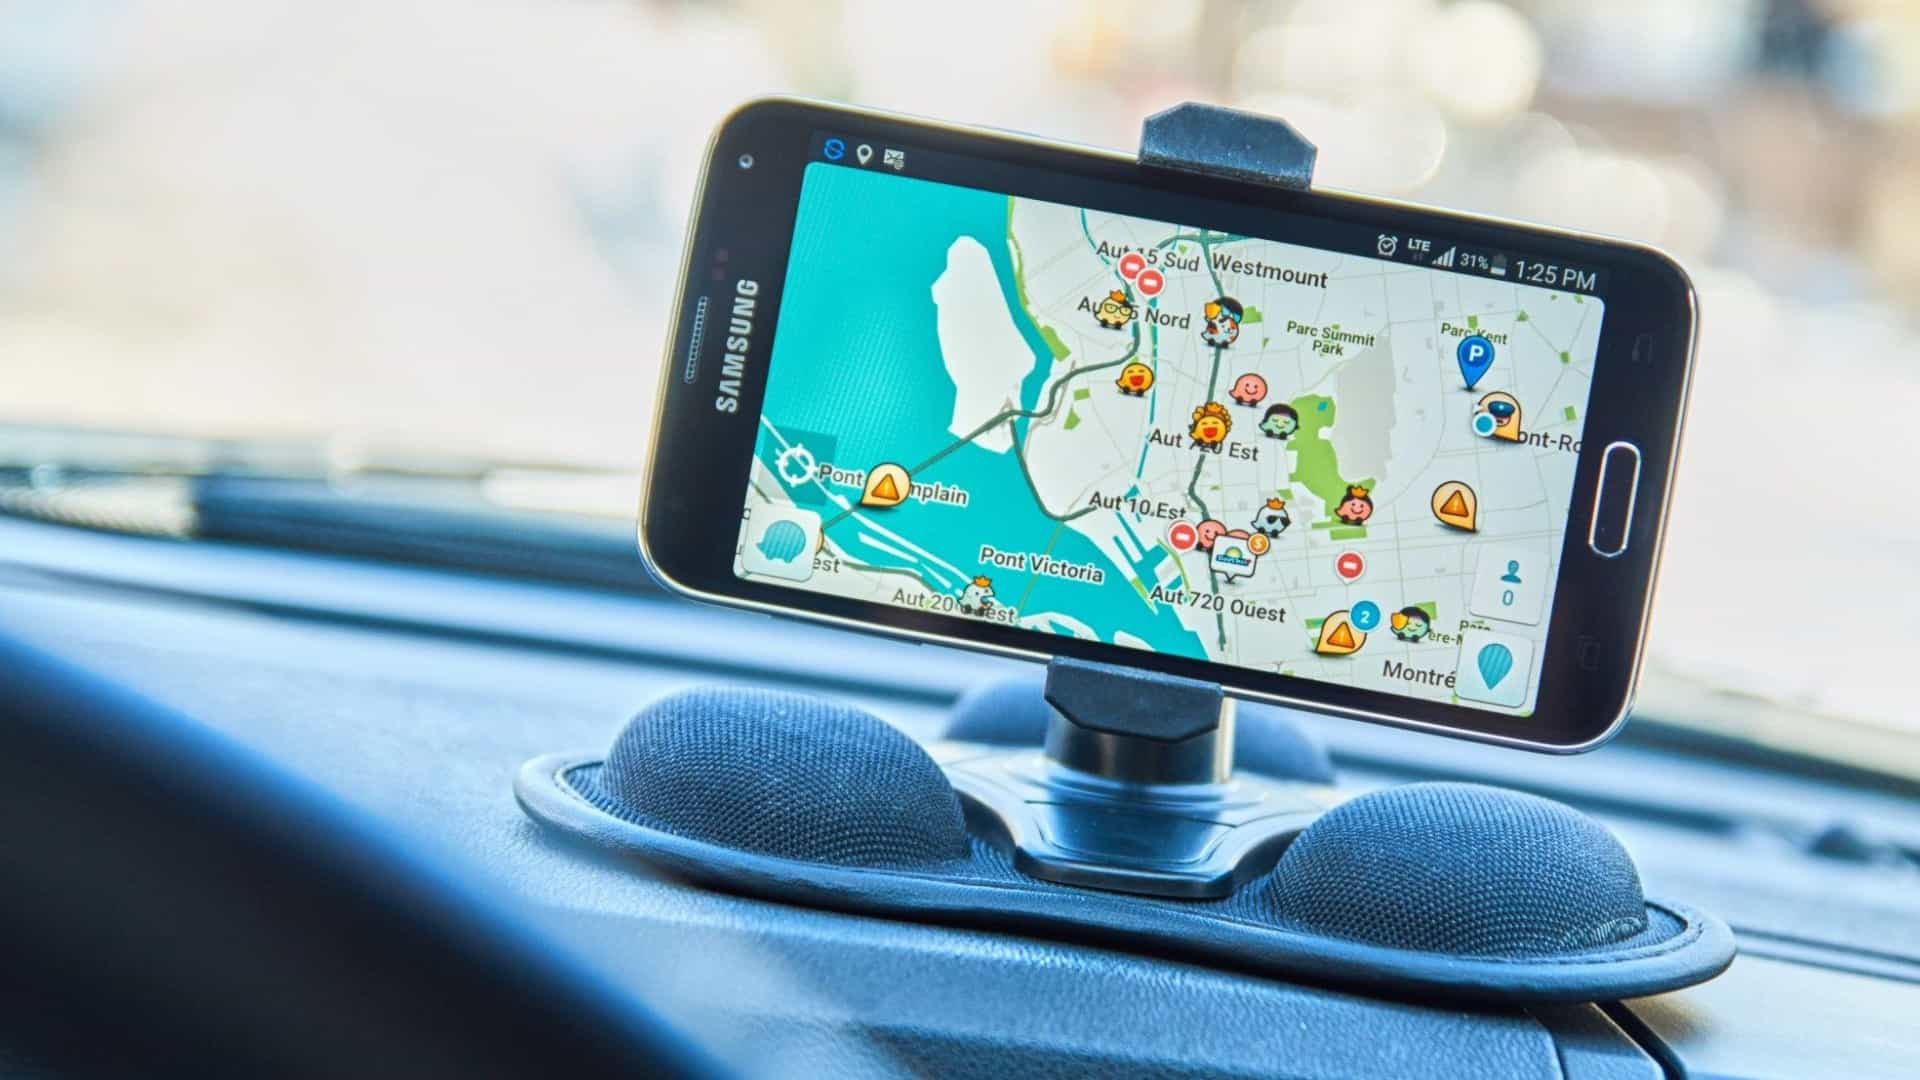 'Futuro da mobilidade é o transporte público', diz fundador do Waze